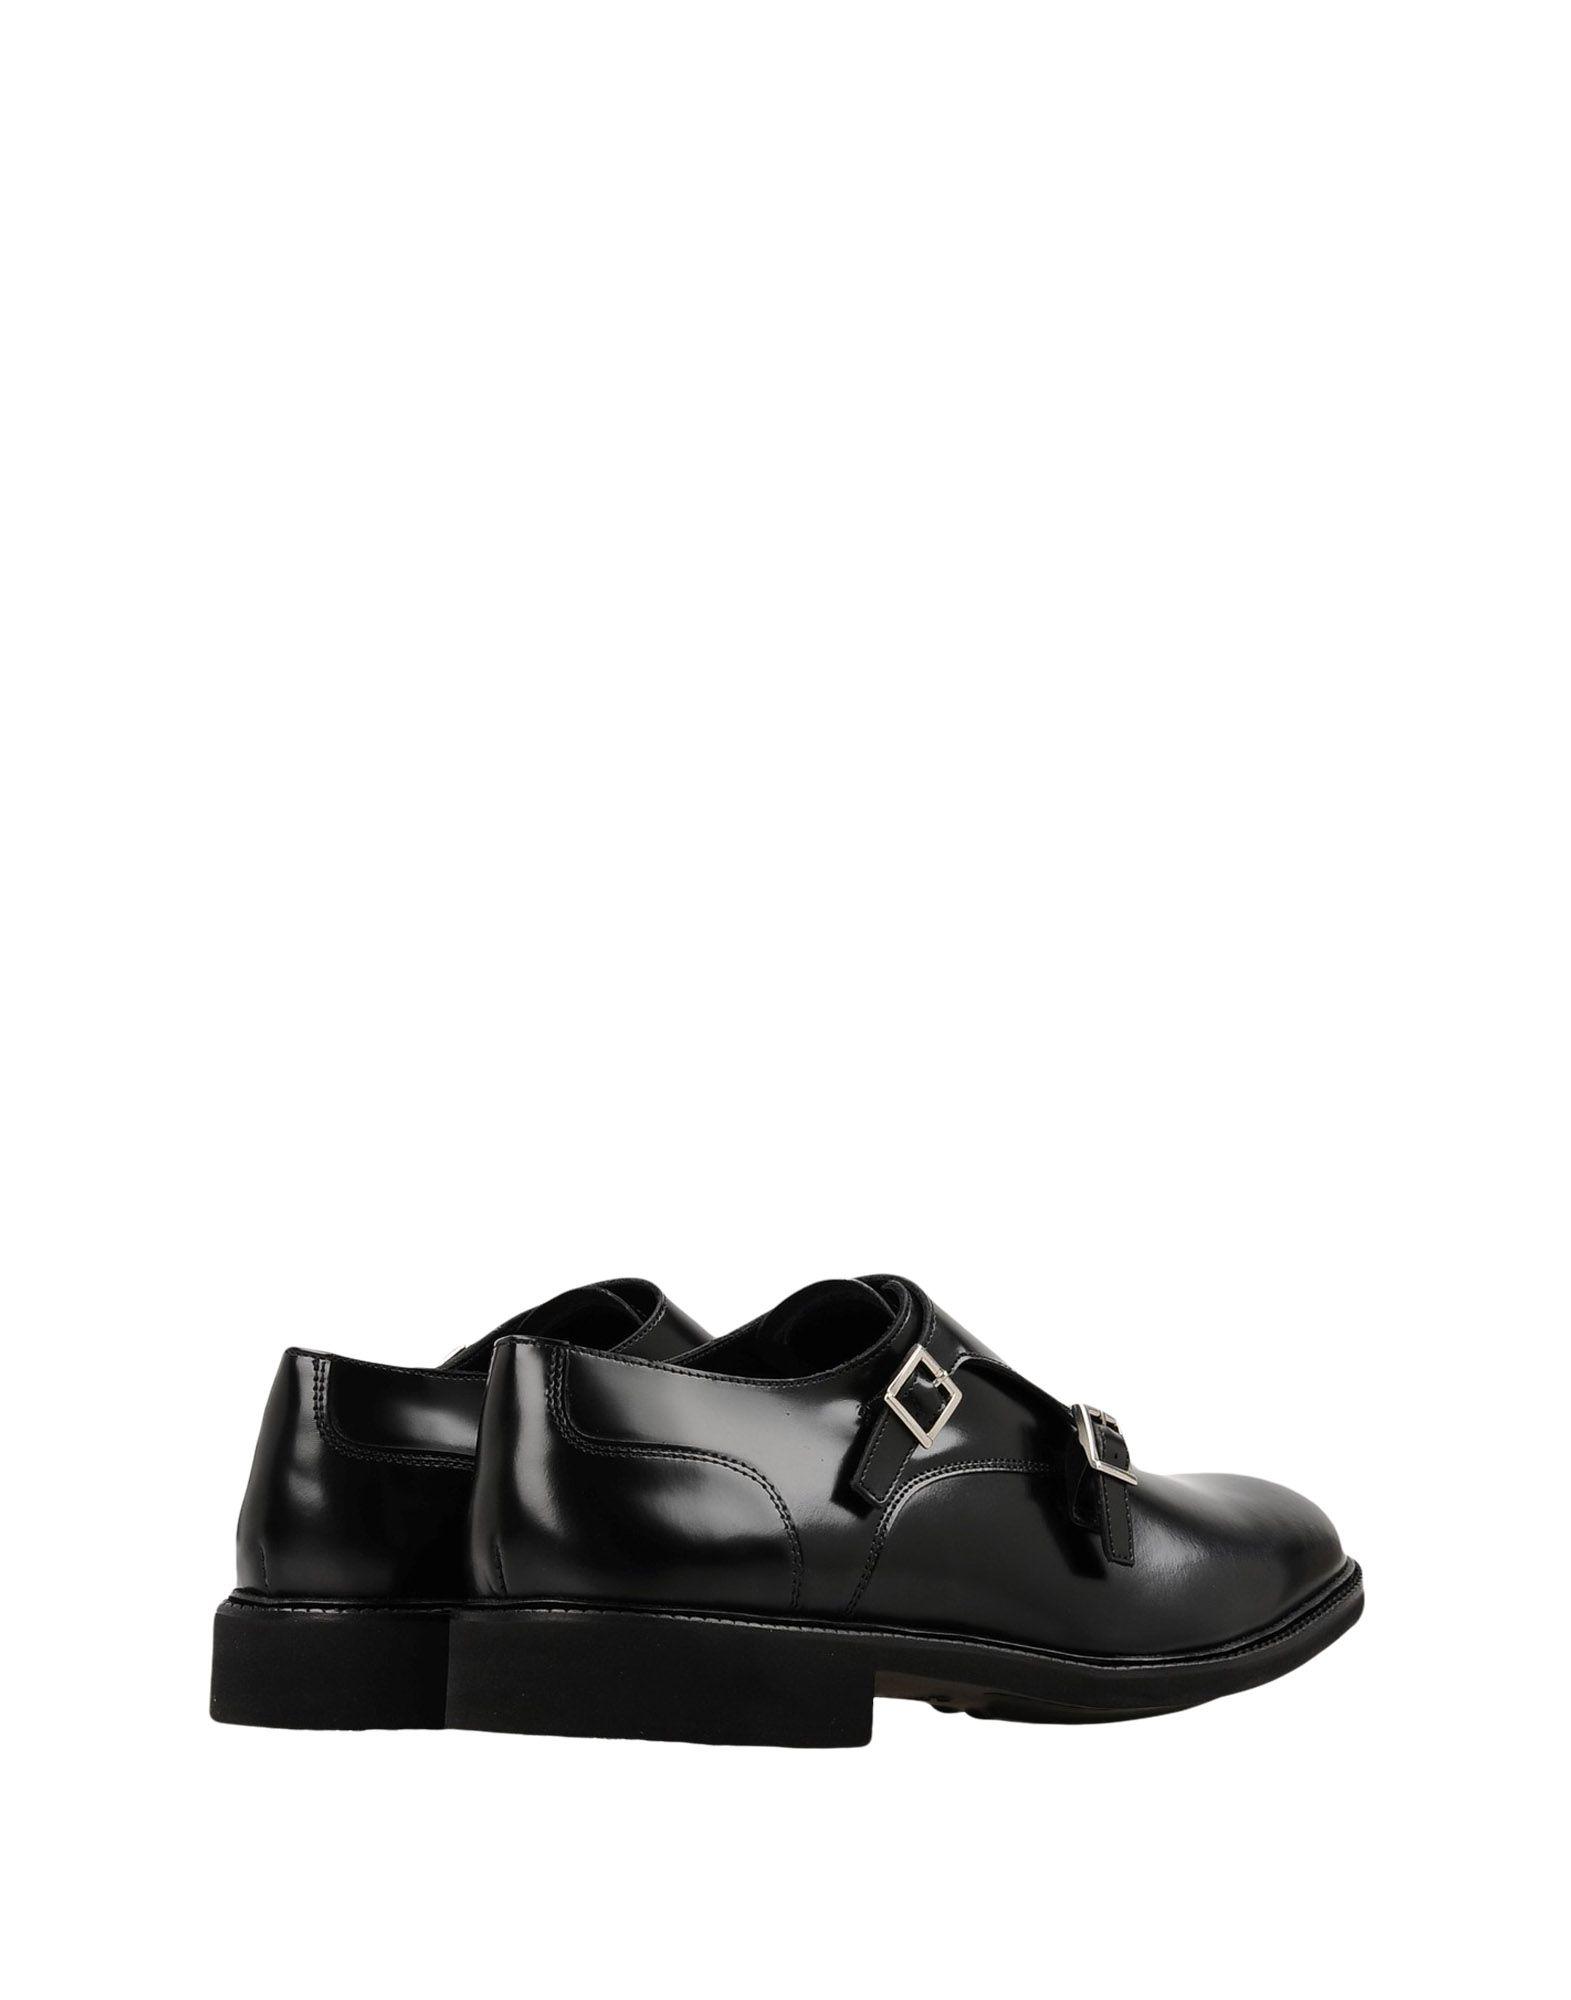 J. Holbens A45  11425901JX Gute Qualität beliebte Schuhe